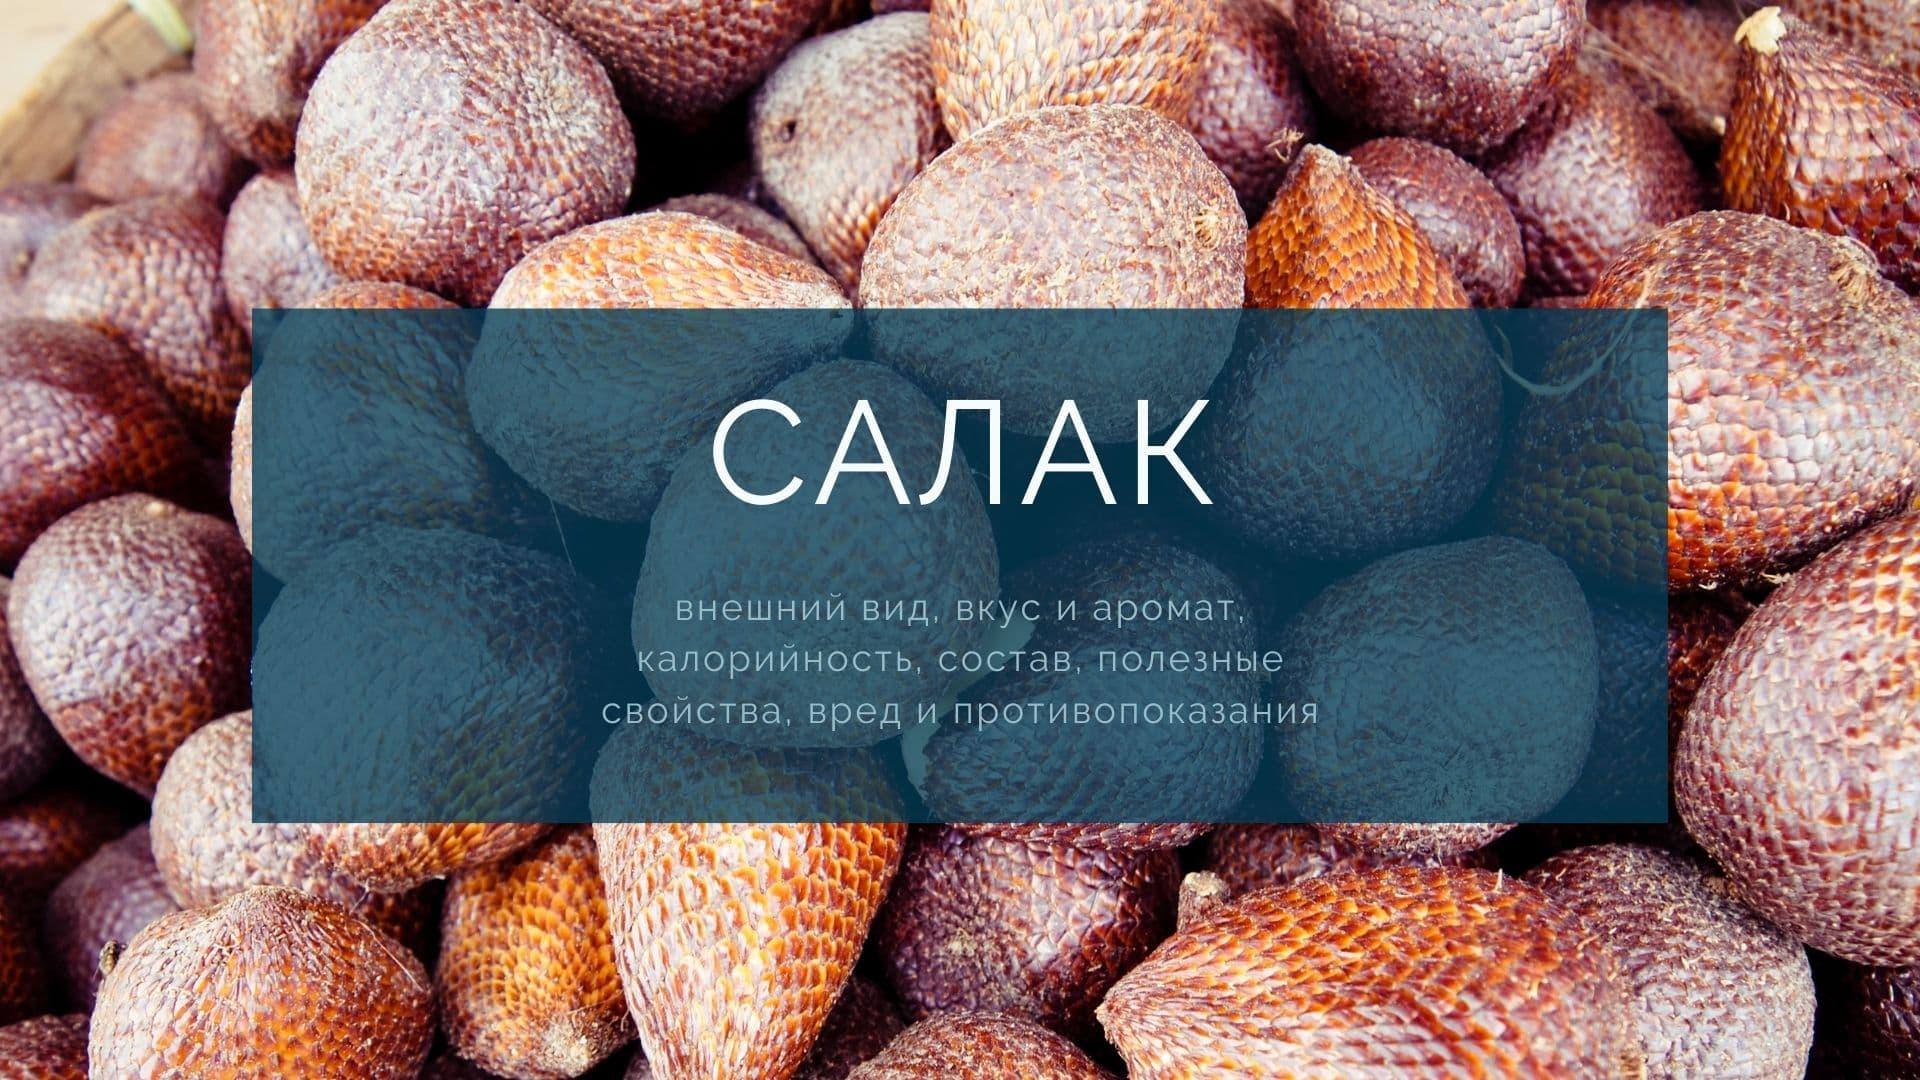 Салак: внешний вид, вкус и аромат, калорийность, состав, полезные свойства, вред и противопоказания